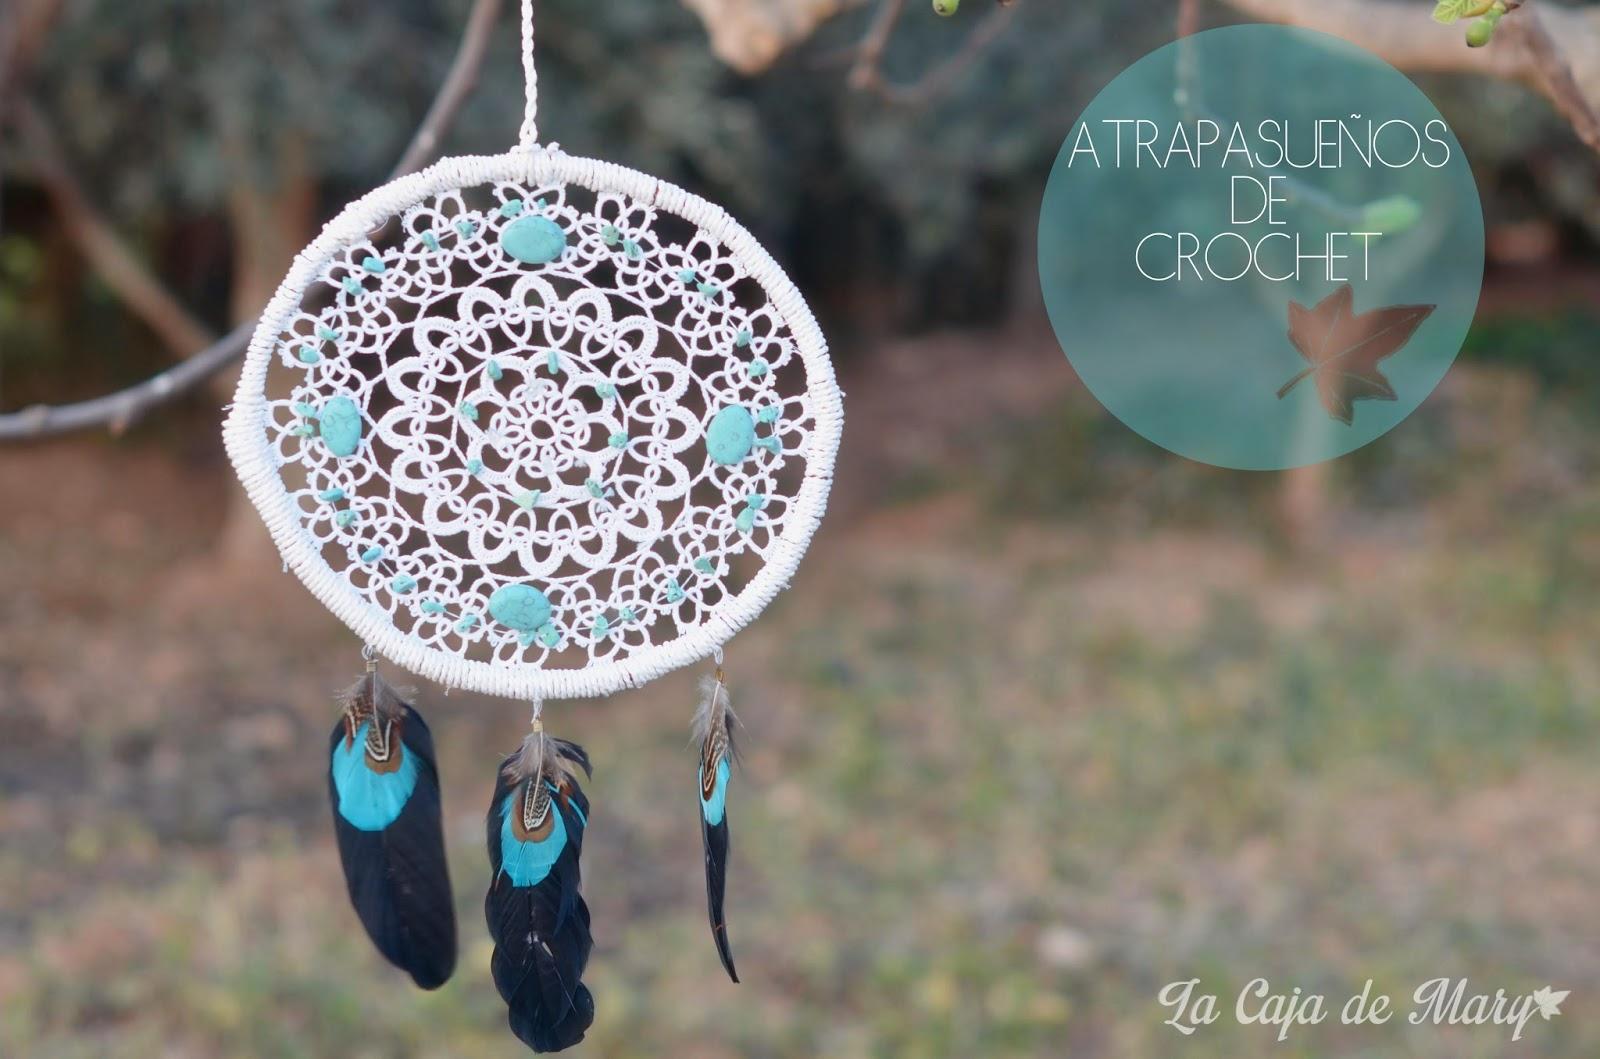 atrapasueños-crochet